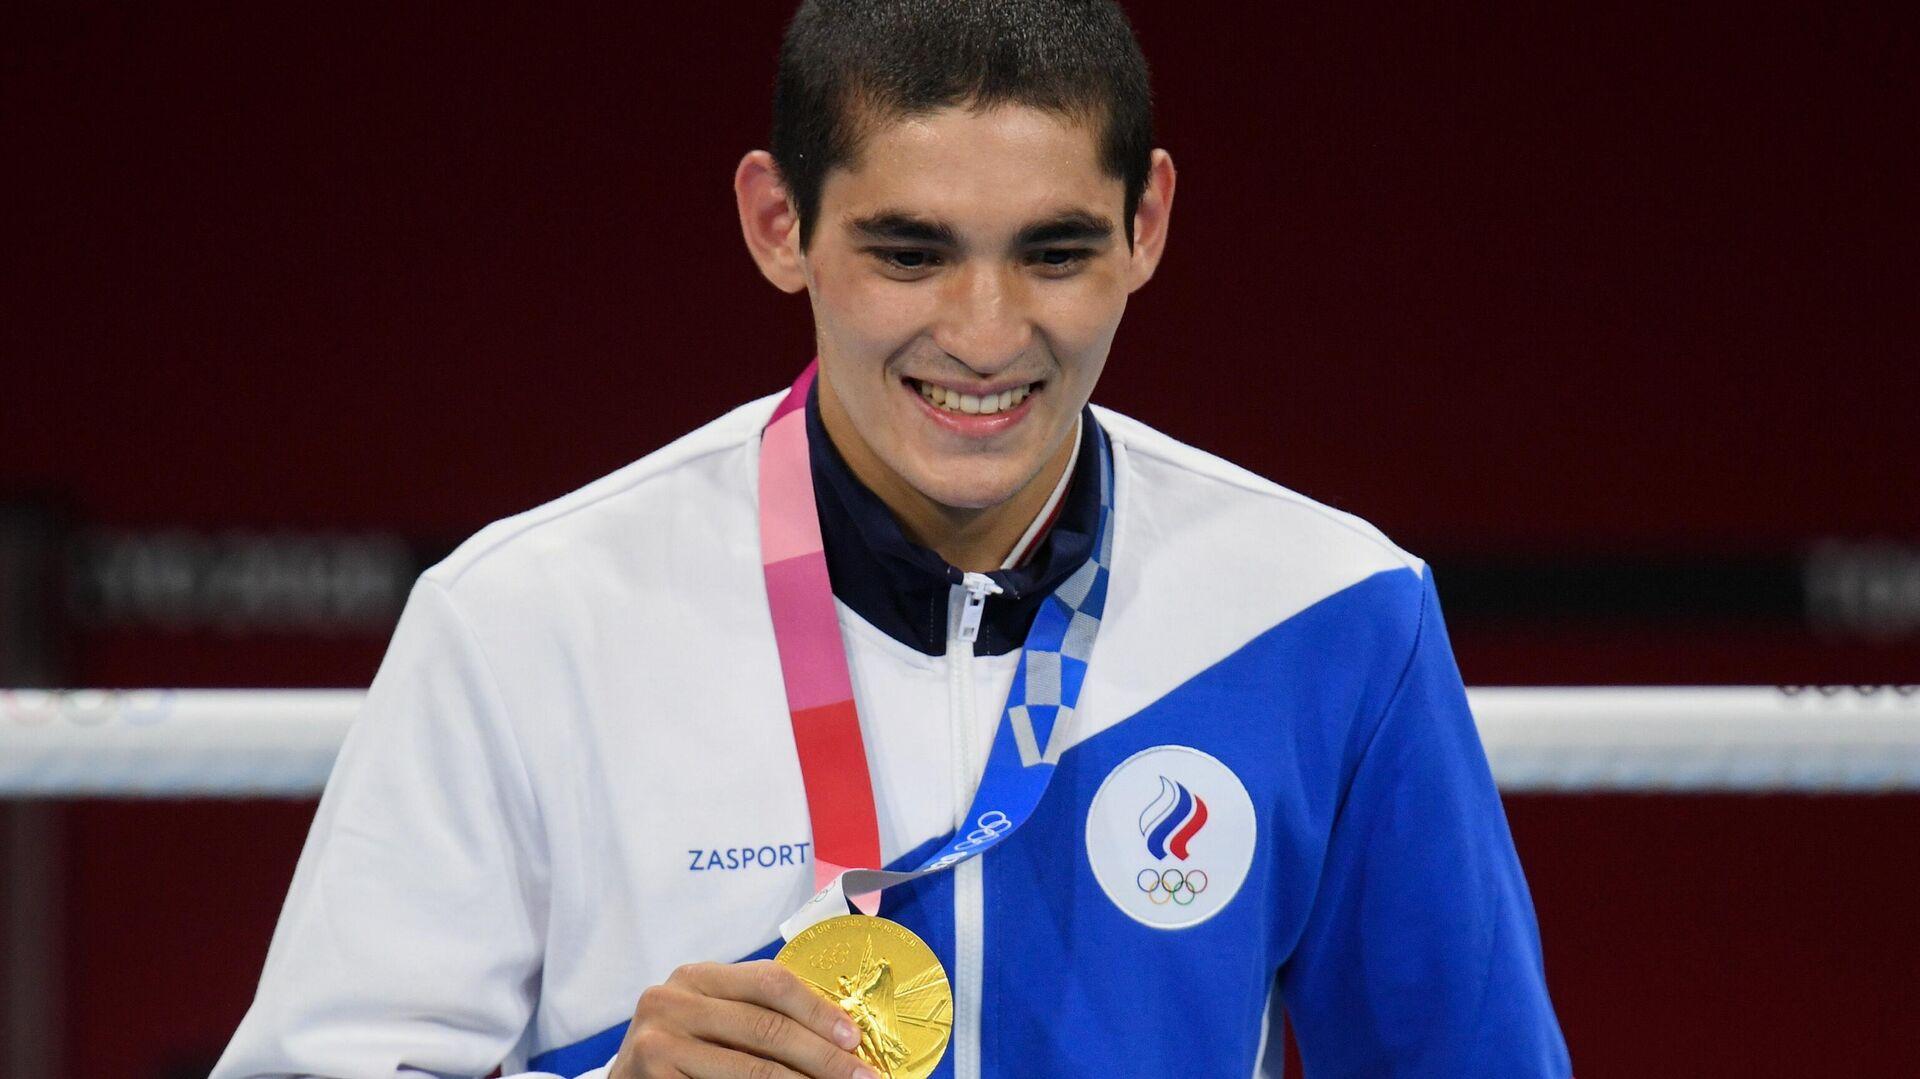 Альберт Батыргазиев, завоевавший золотую медаль в соревнованиях по боксу среди мужчин в весовой категории до 57 кг на XXXII летних Олимпийских играх в Токио - РИА Новости, 1920, 11.09.2021